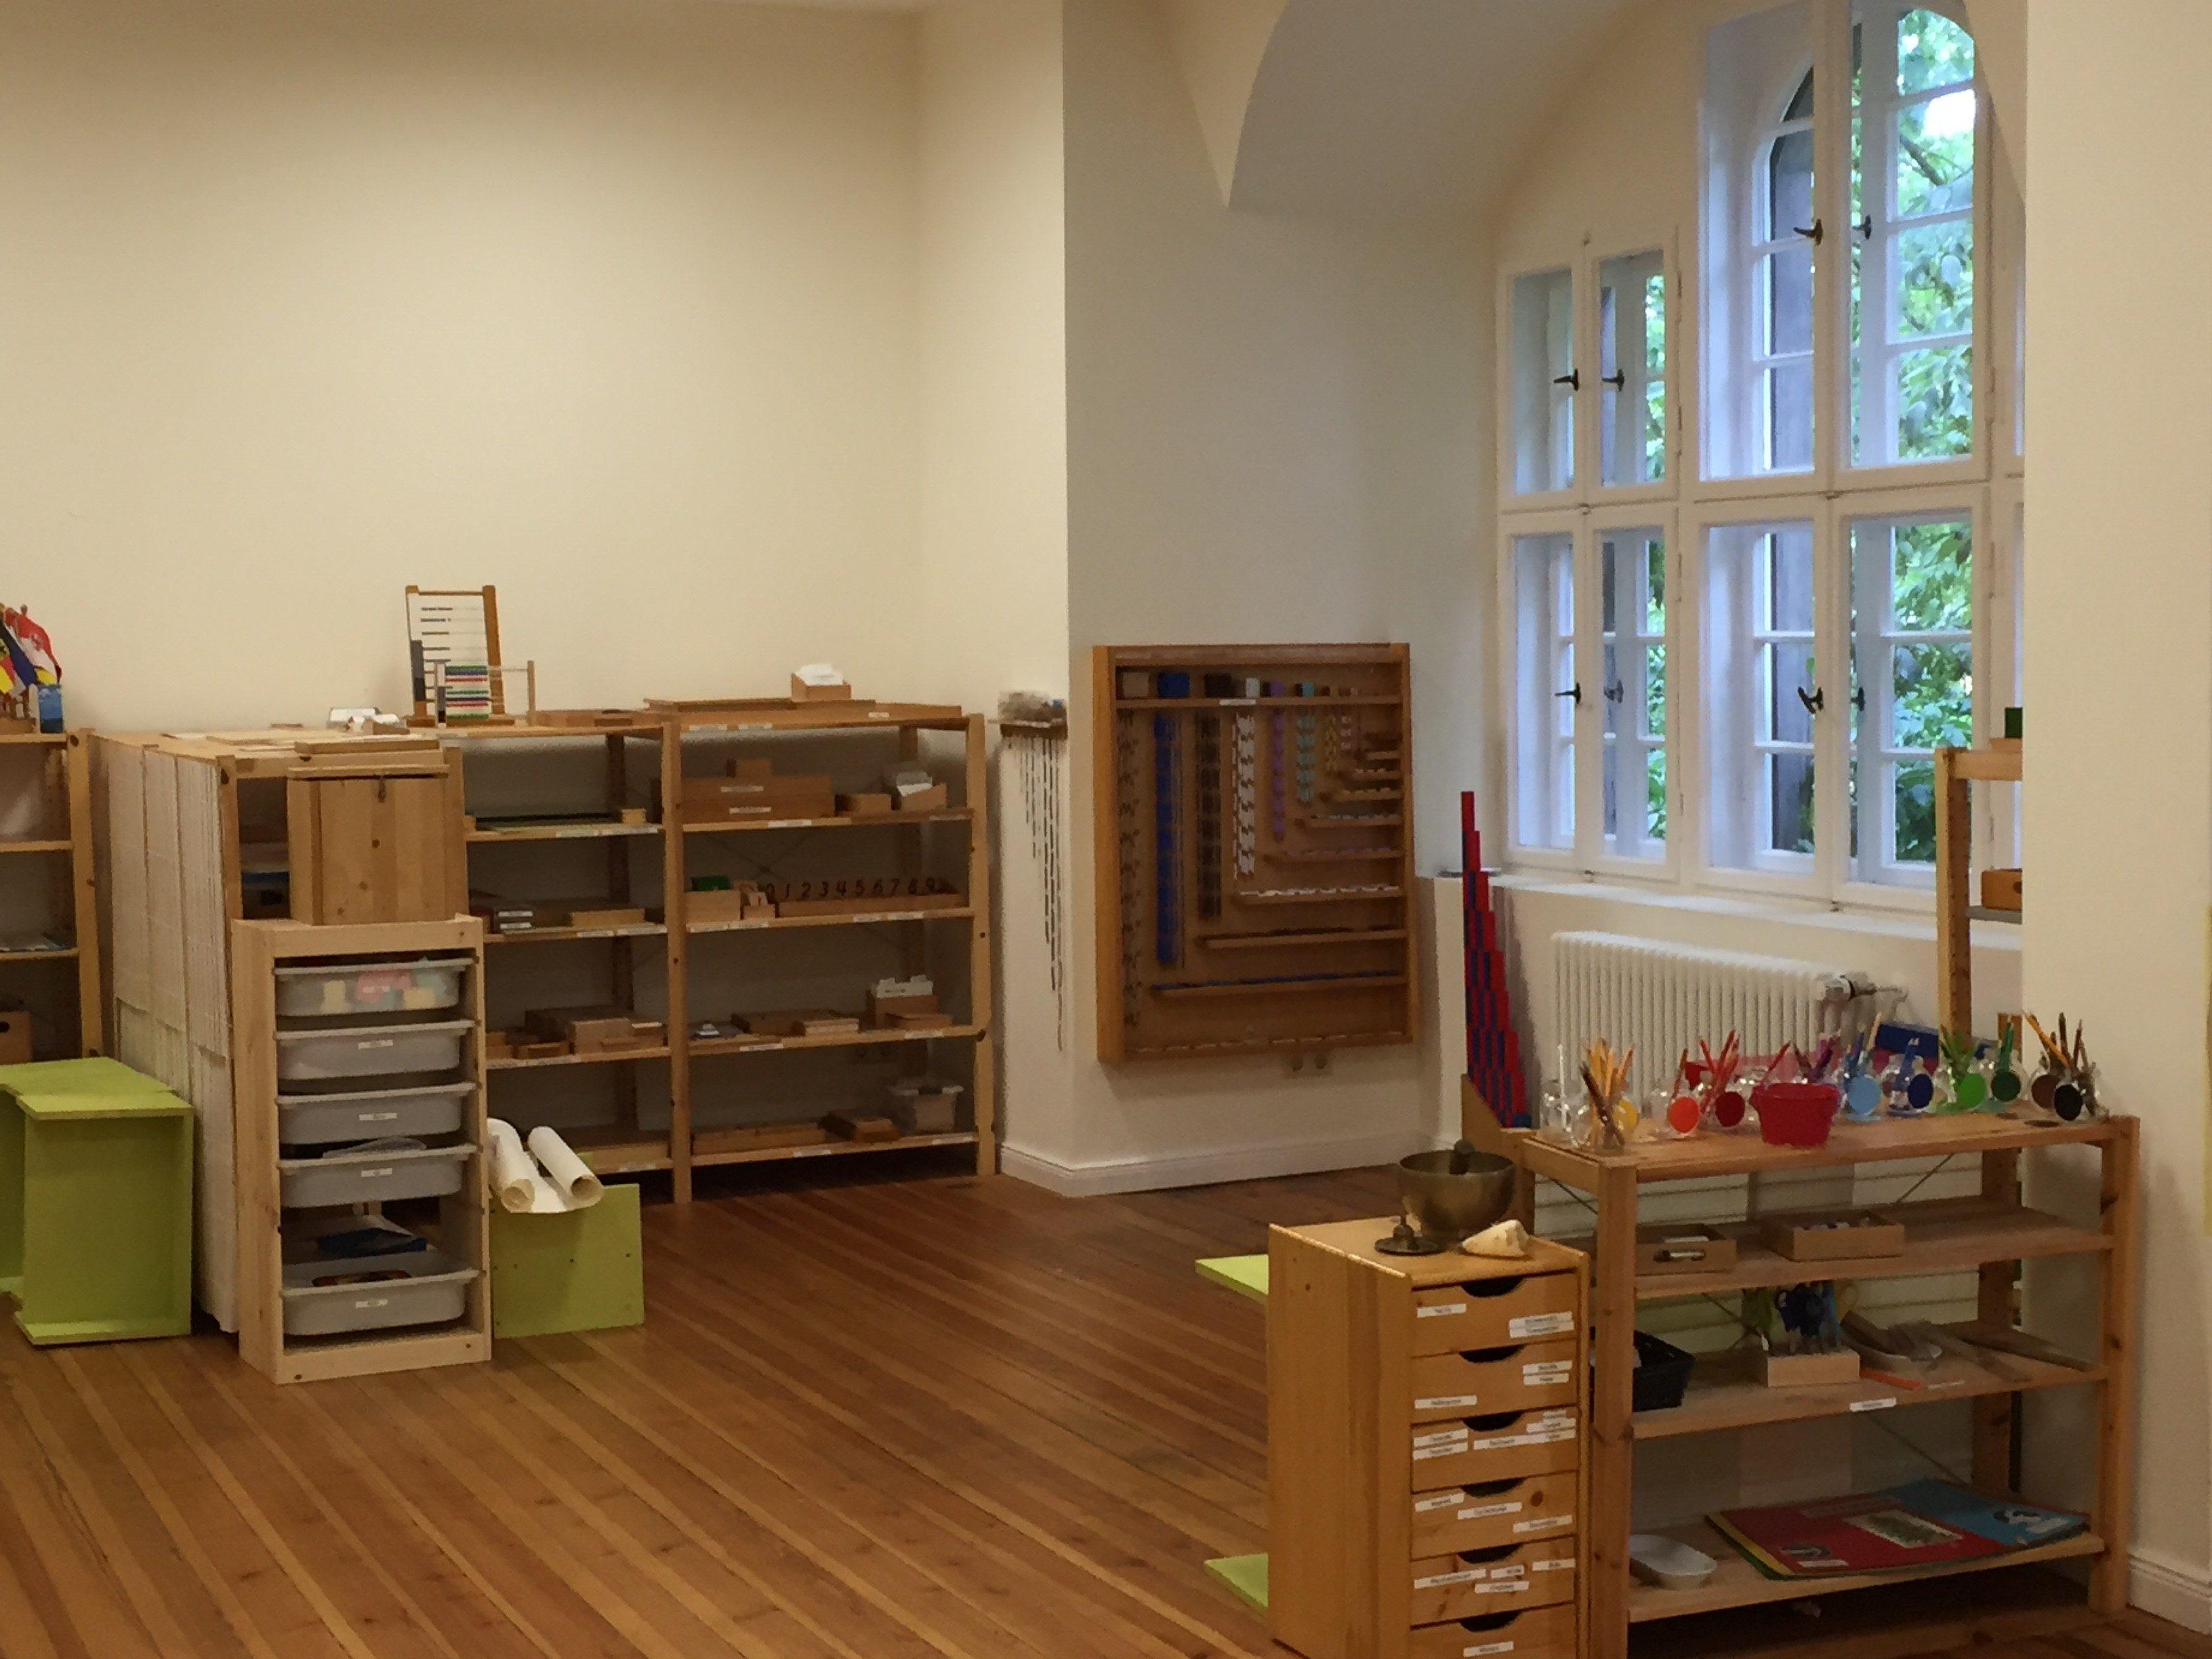 Klassenraum der internationalen Montessori-Schule Berlin